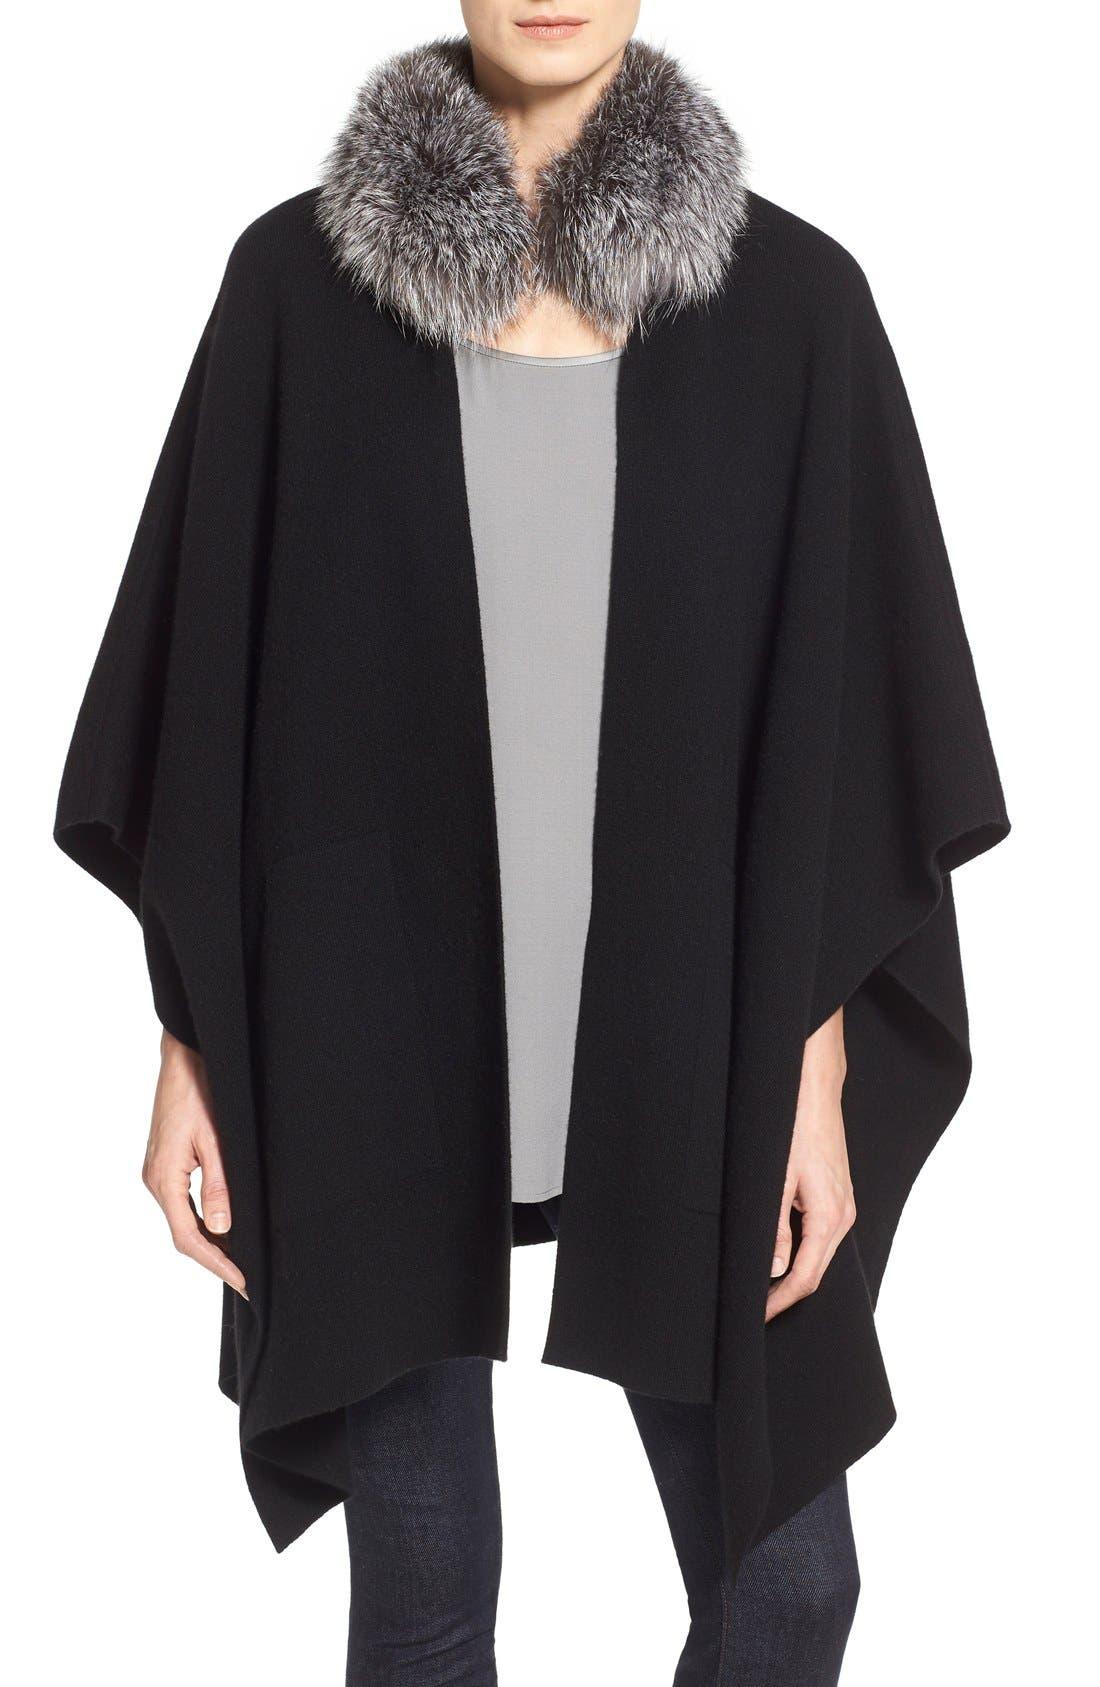 Main Image - Sofia Cashmere Genuine Fox Fur Collar Cashmere Cape